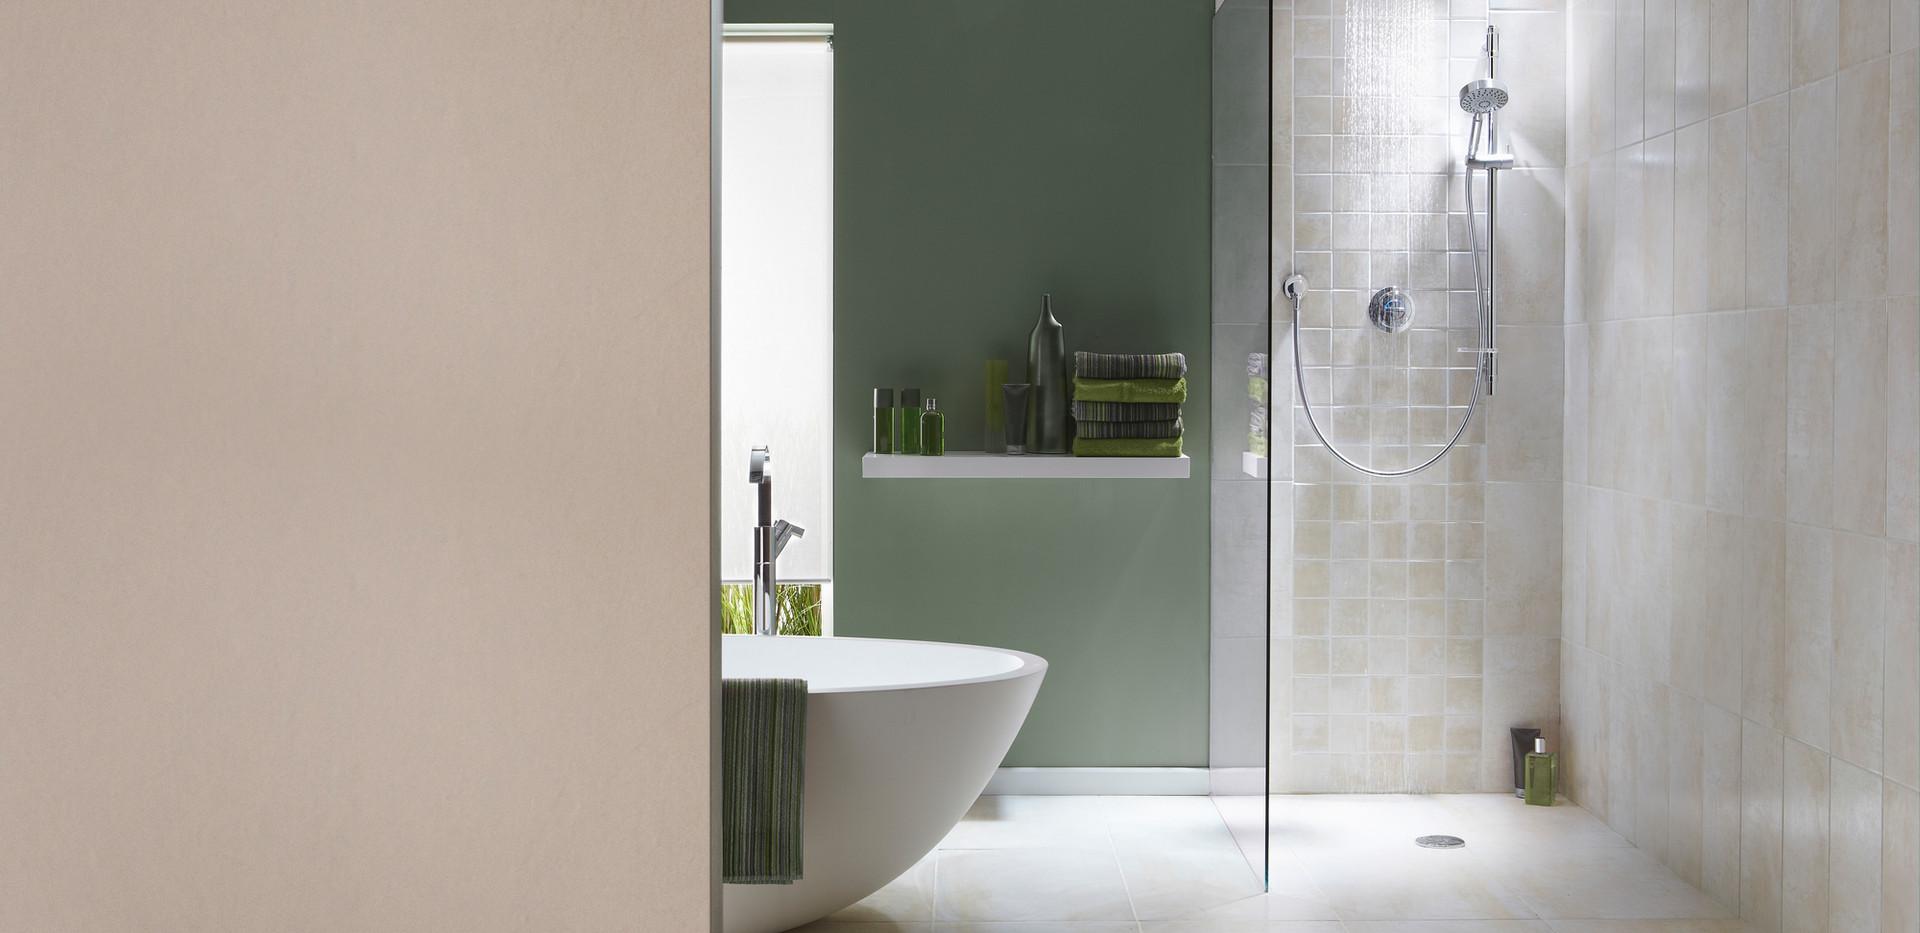 Bathroom Remodeling PRJ 06